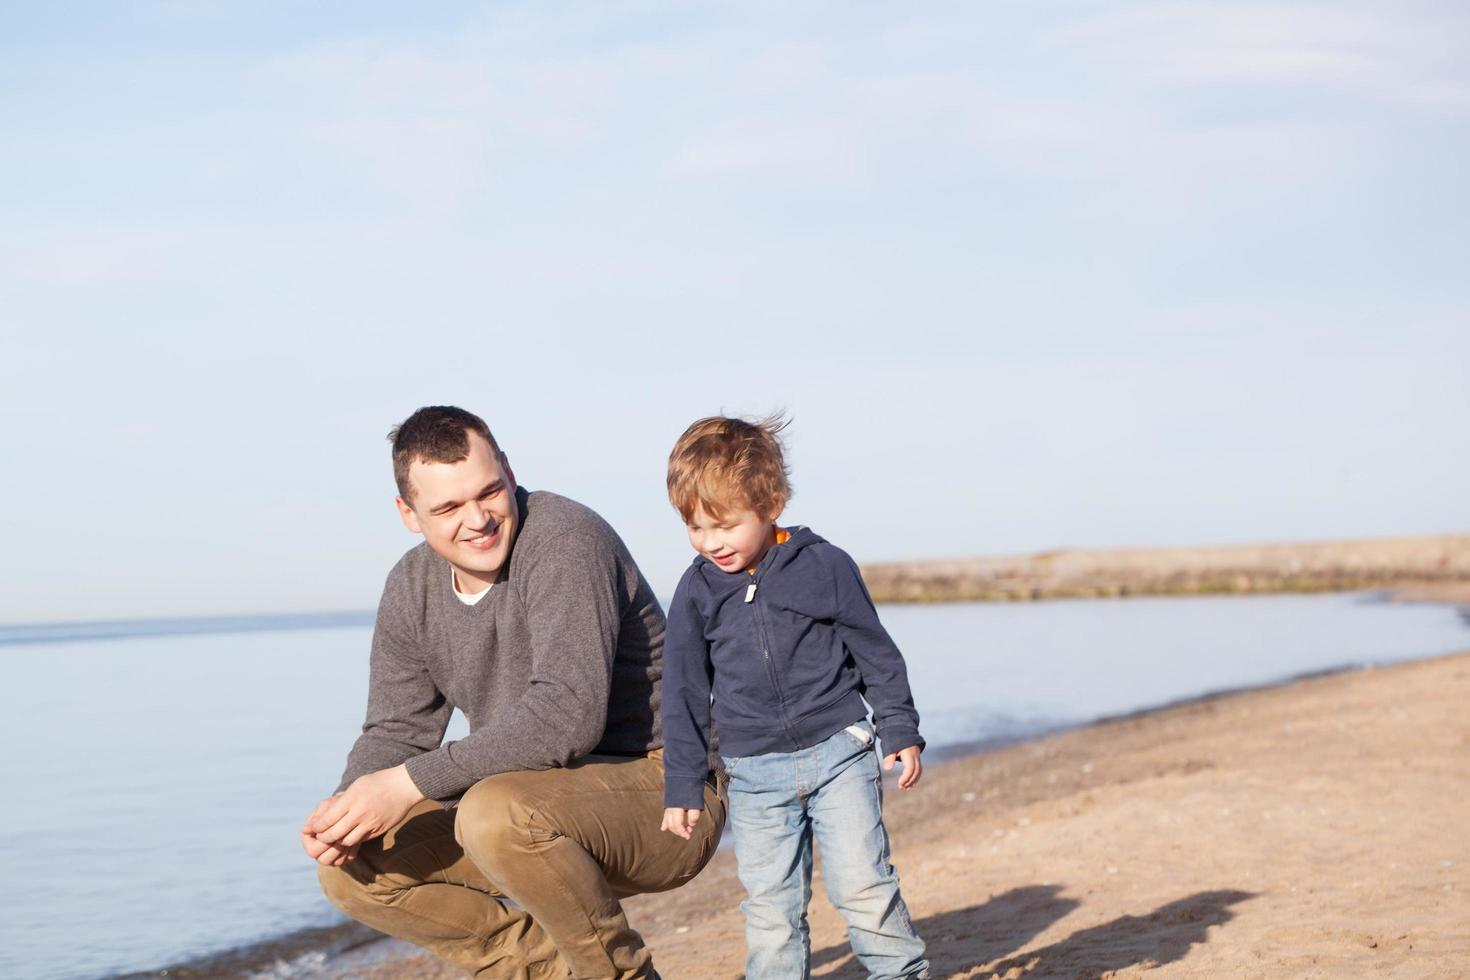 Vater mit seinem kleinen Sohn am Strand foto